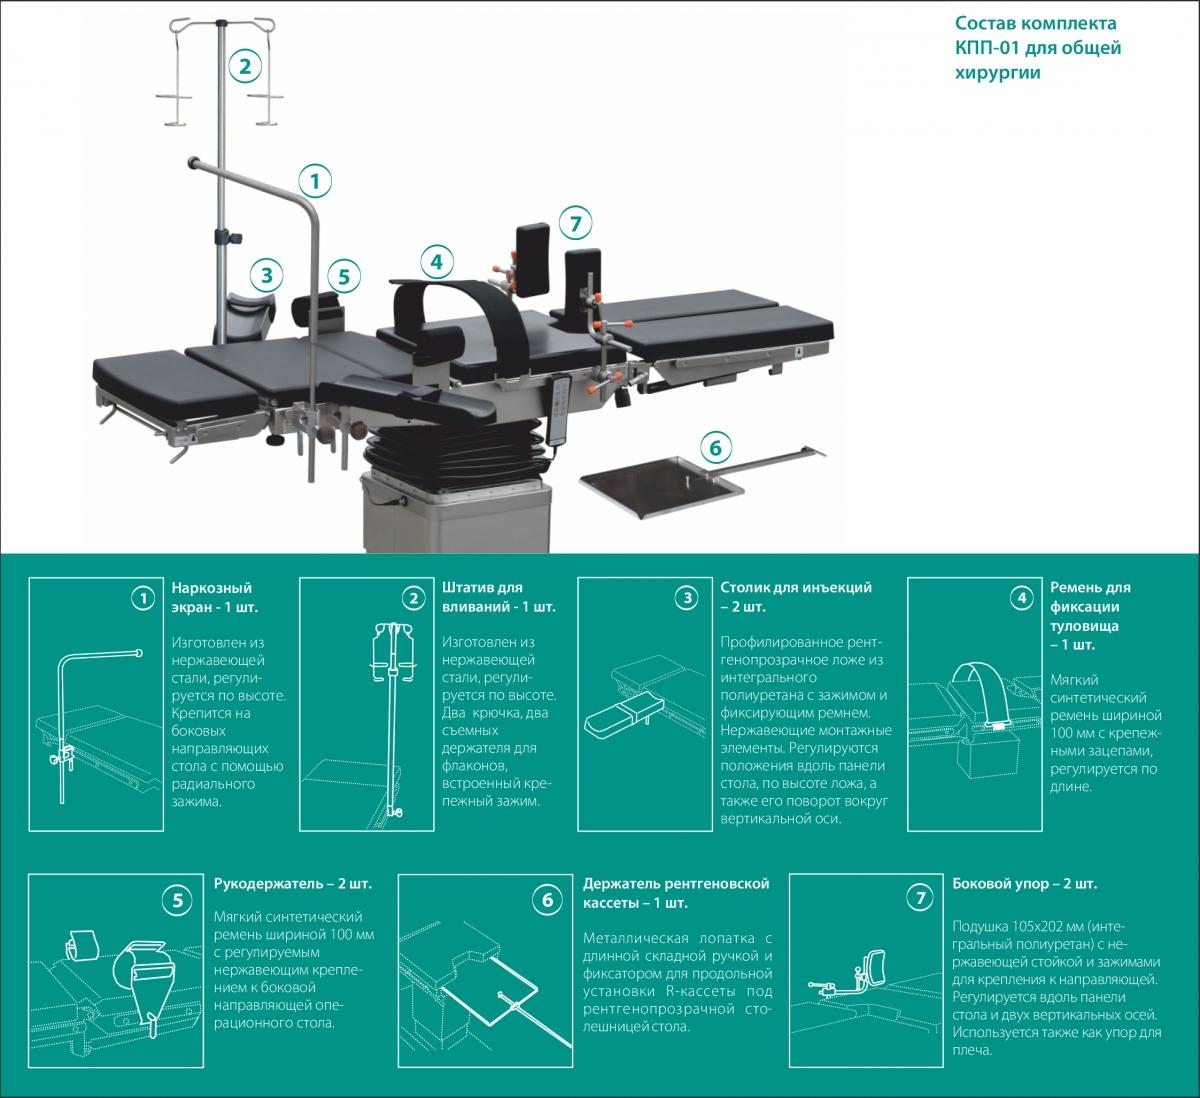 Комплект приспособлений для общей хирургии (КПП-01)